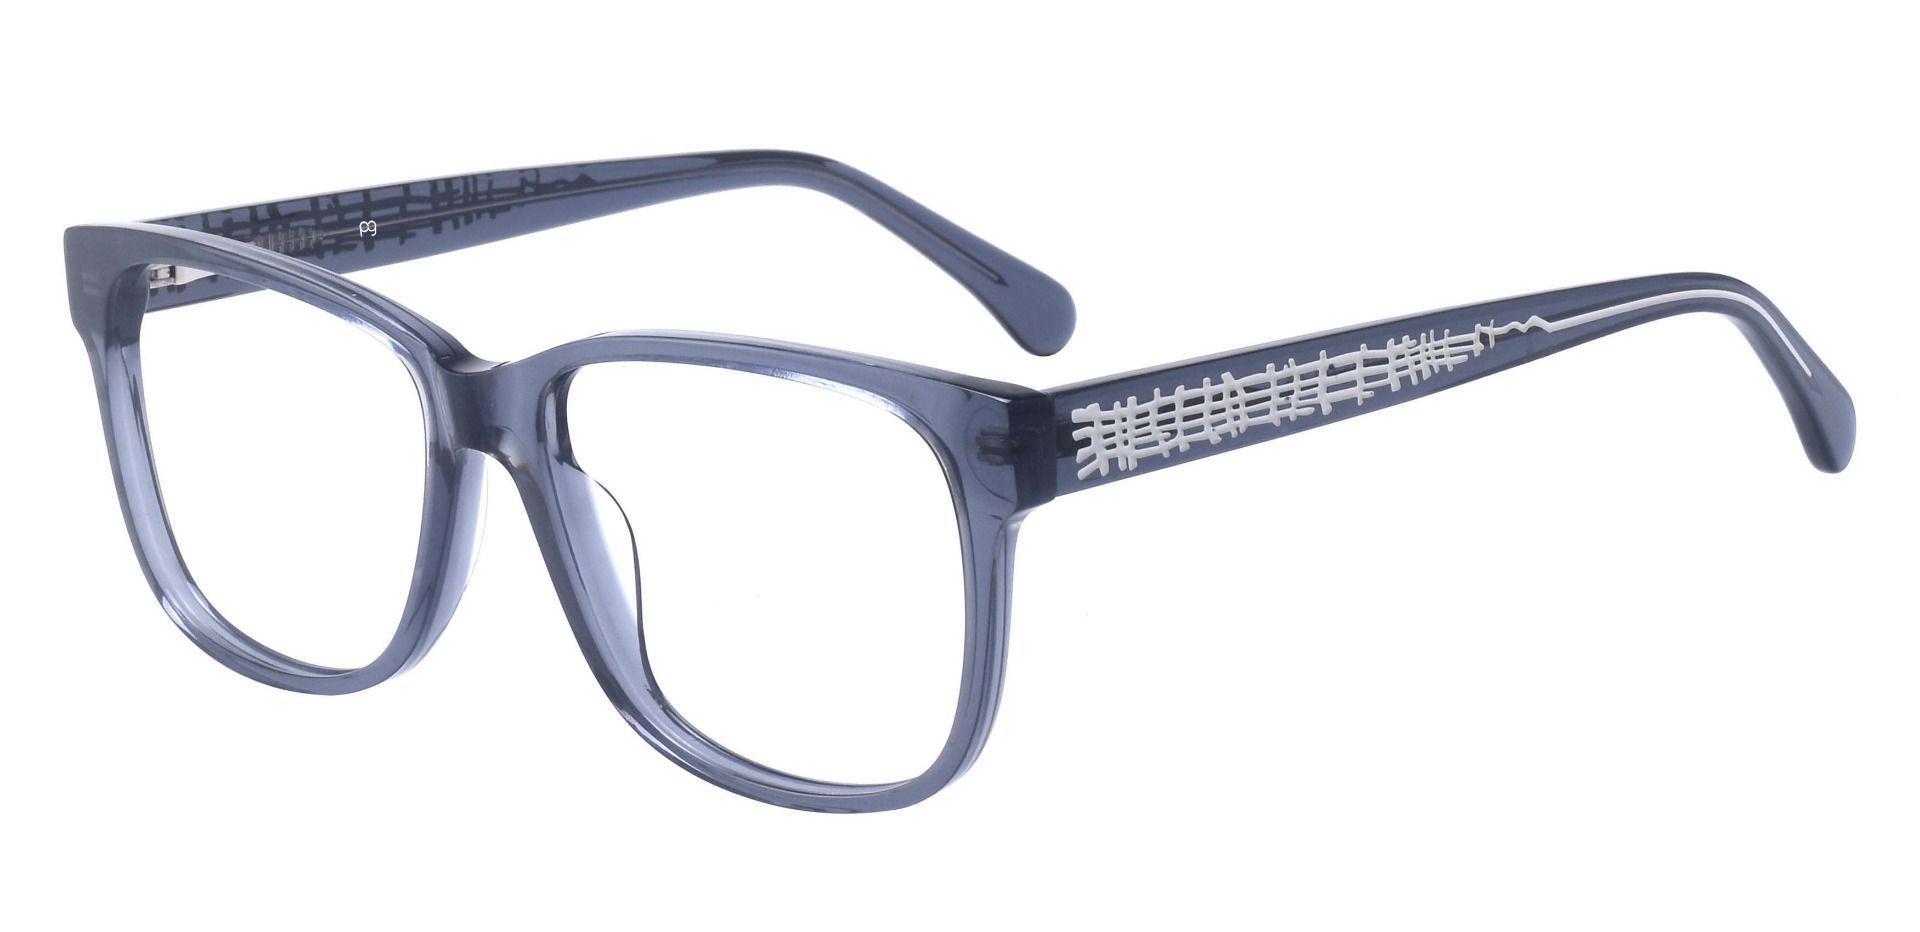 Polaris Square Prescription Glasses - Gray